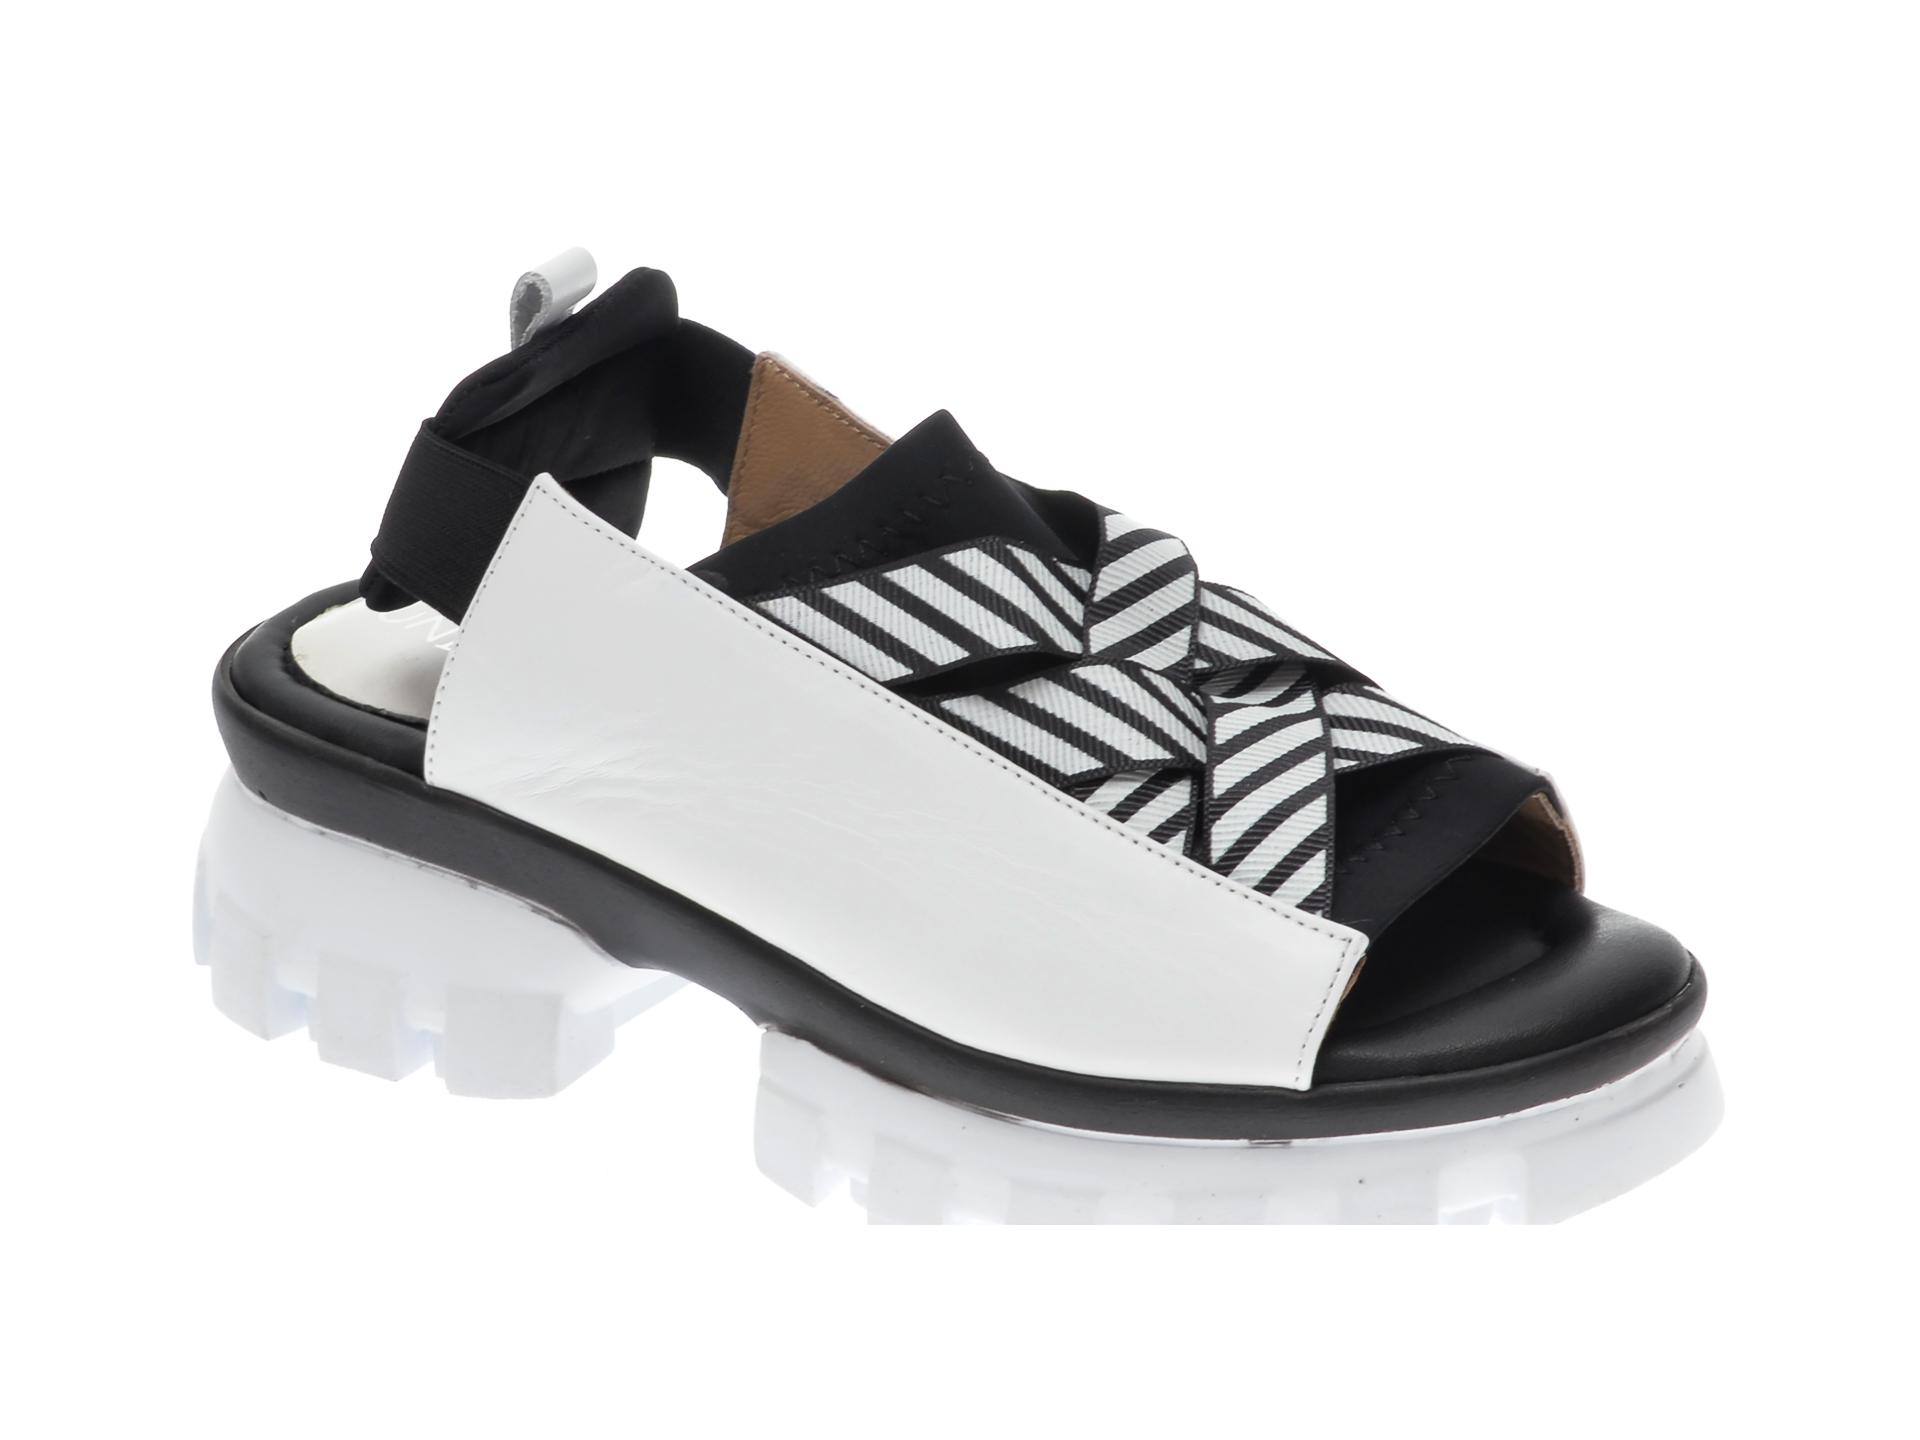 Sandale UNICA alb-negru, A6729, din piele naturala imagine otter.ro